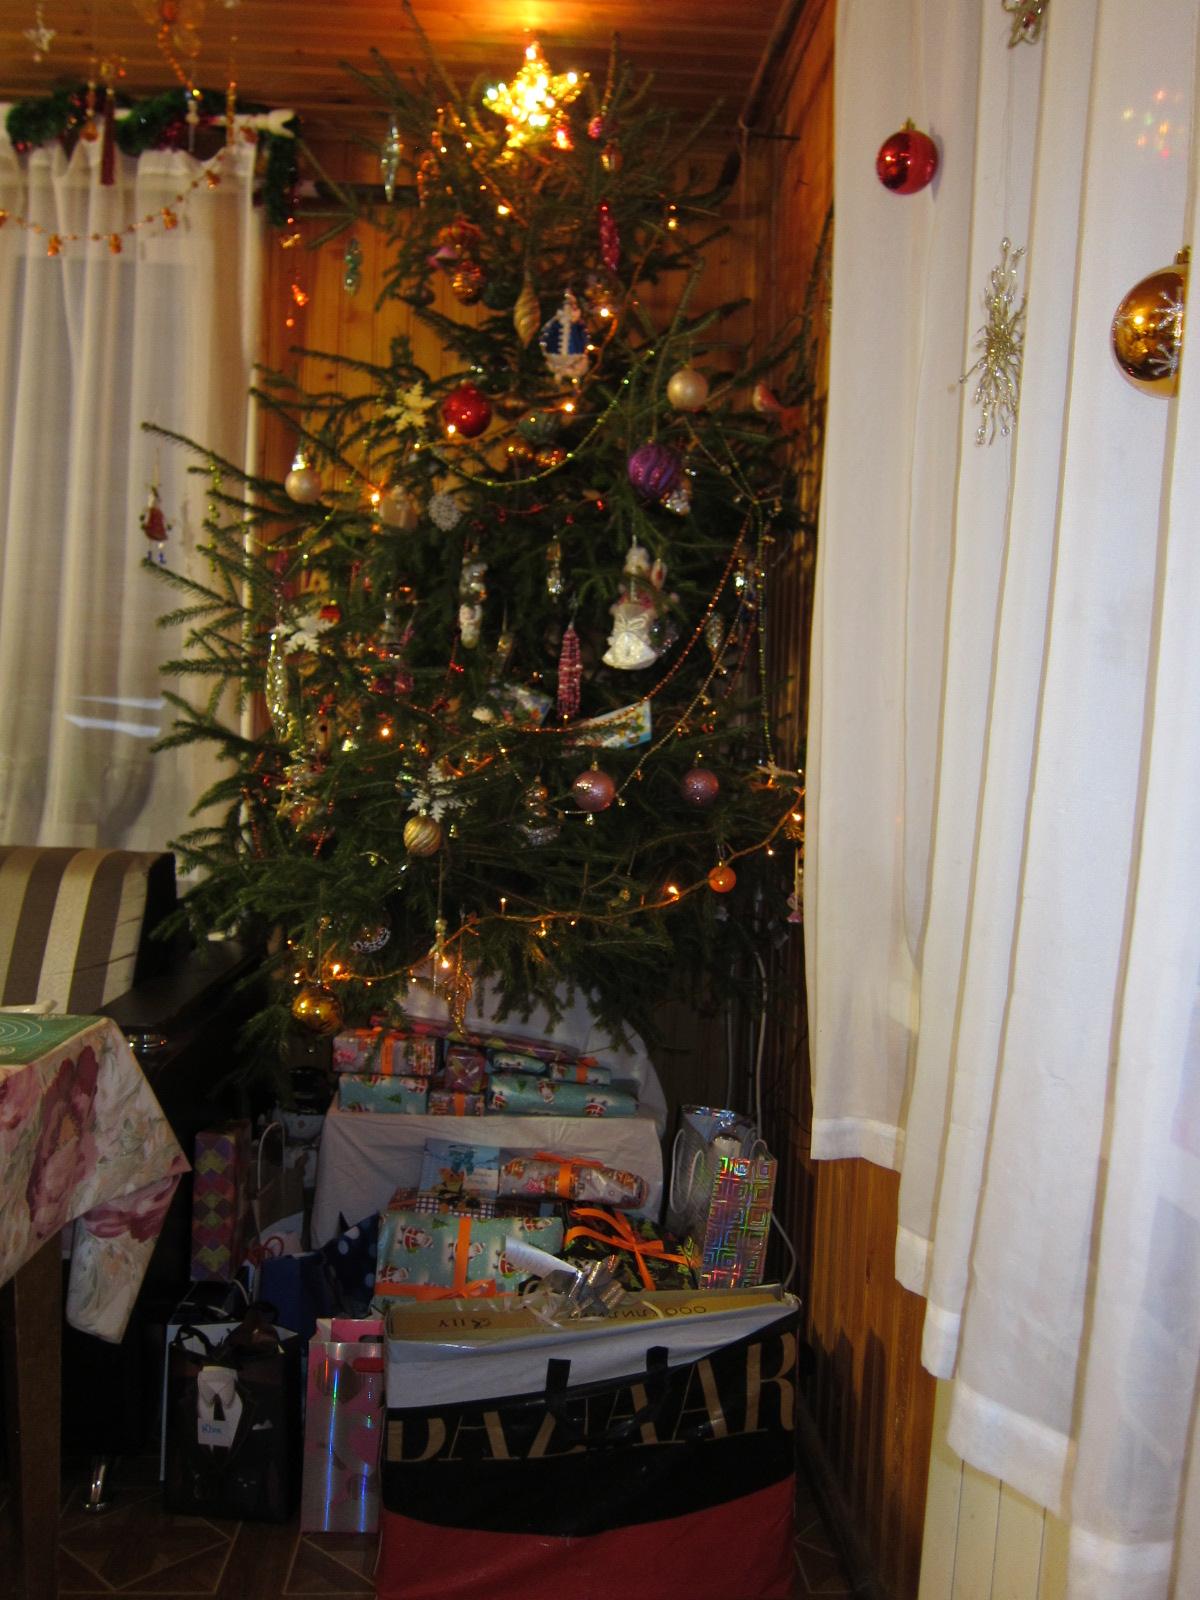 Ёлочка, дары раздающая. Блиц: новогодняя елка